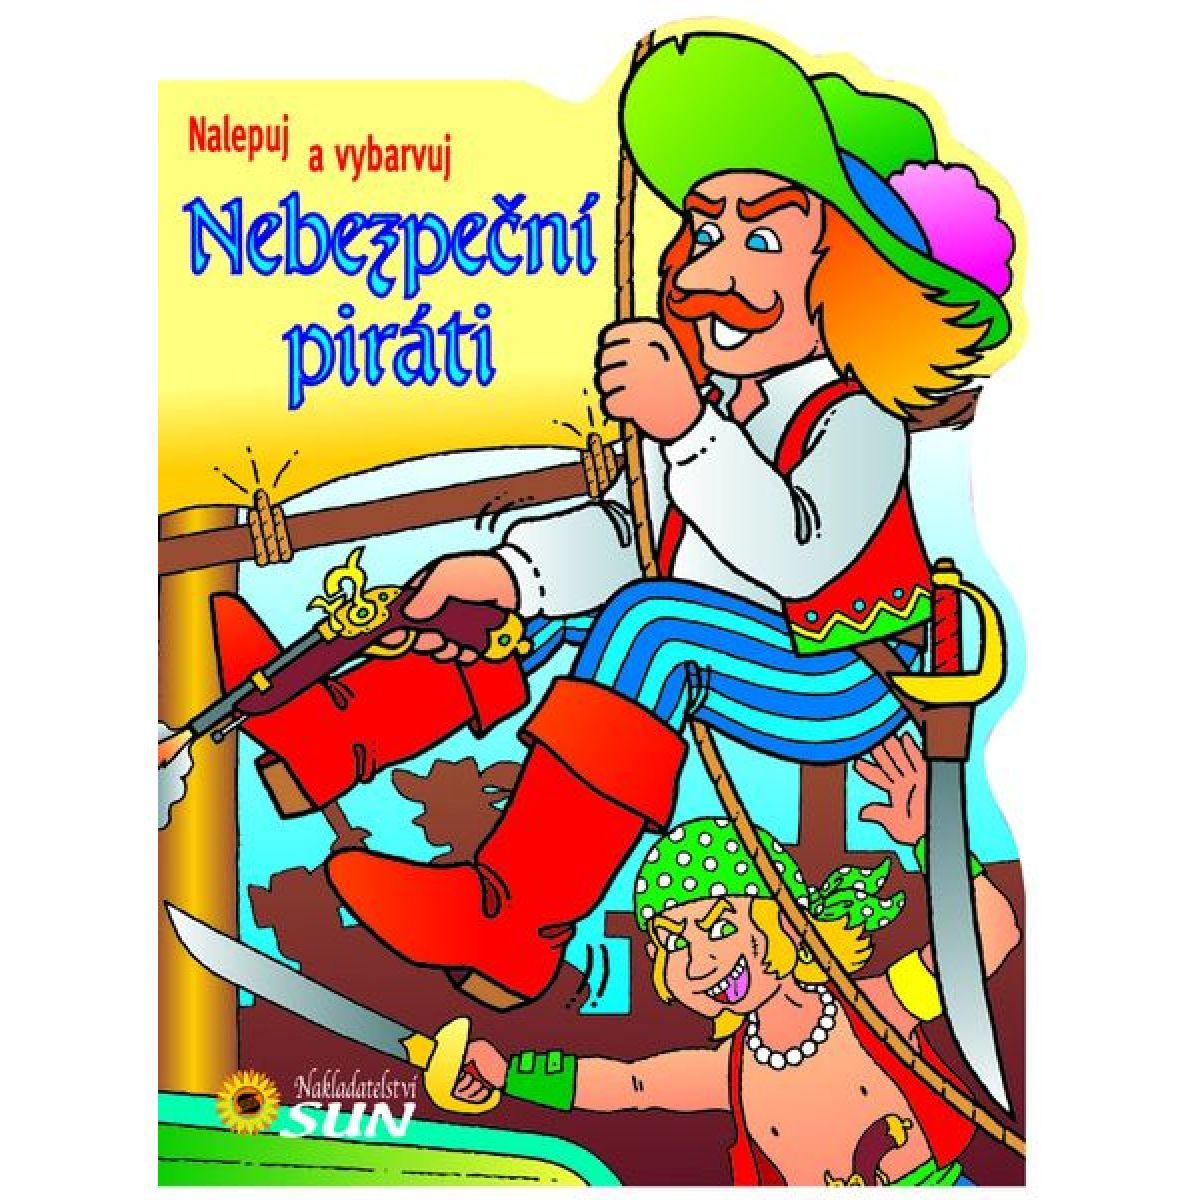 Sun Nalepuj a vybarvuj Piráti